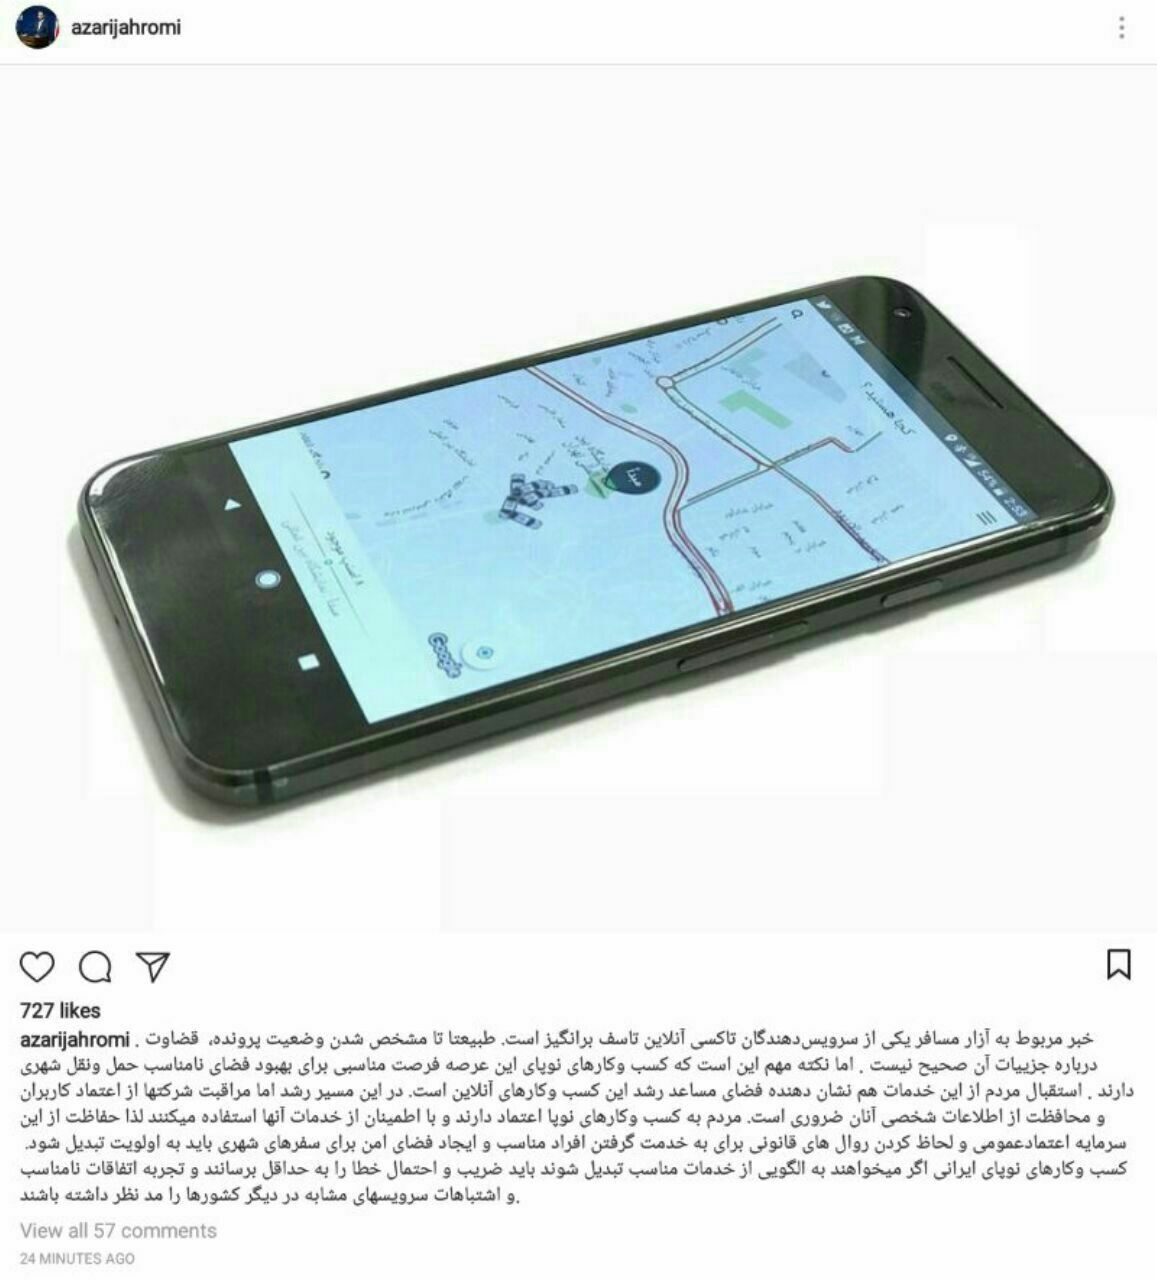 واکنش اینستاگرامی وزیر ارتباطات درباره آزار مسافر توسط اسنپ